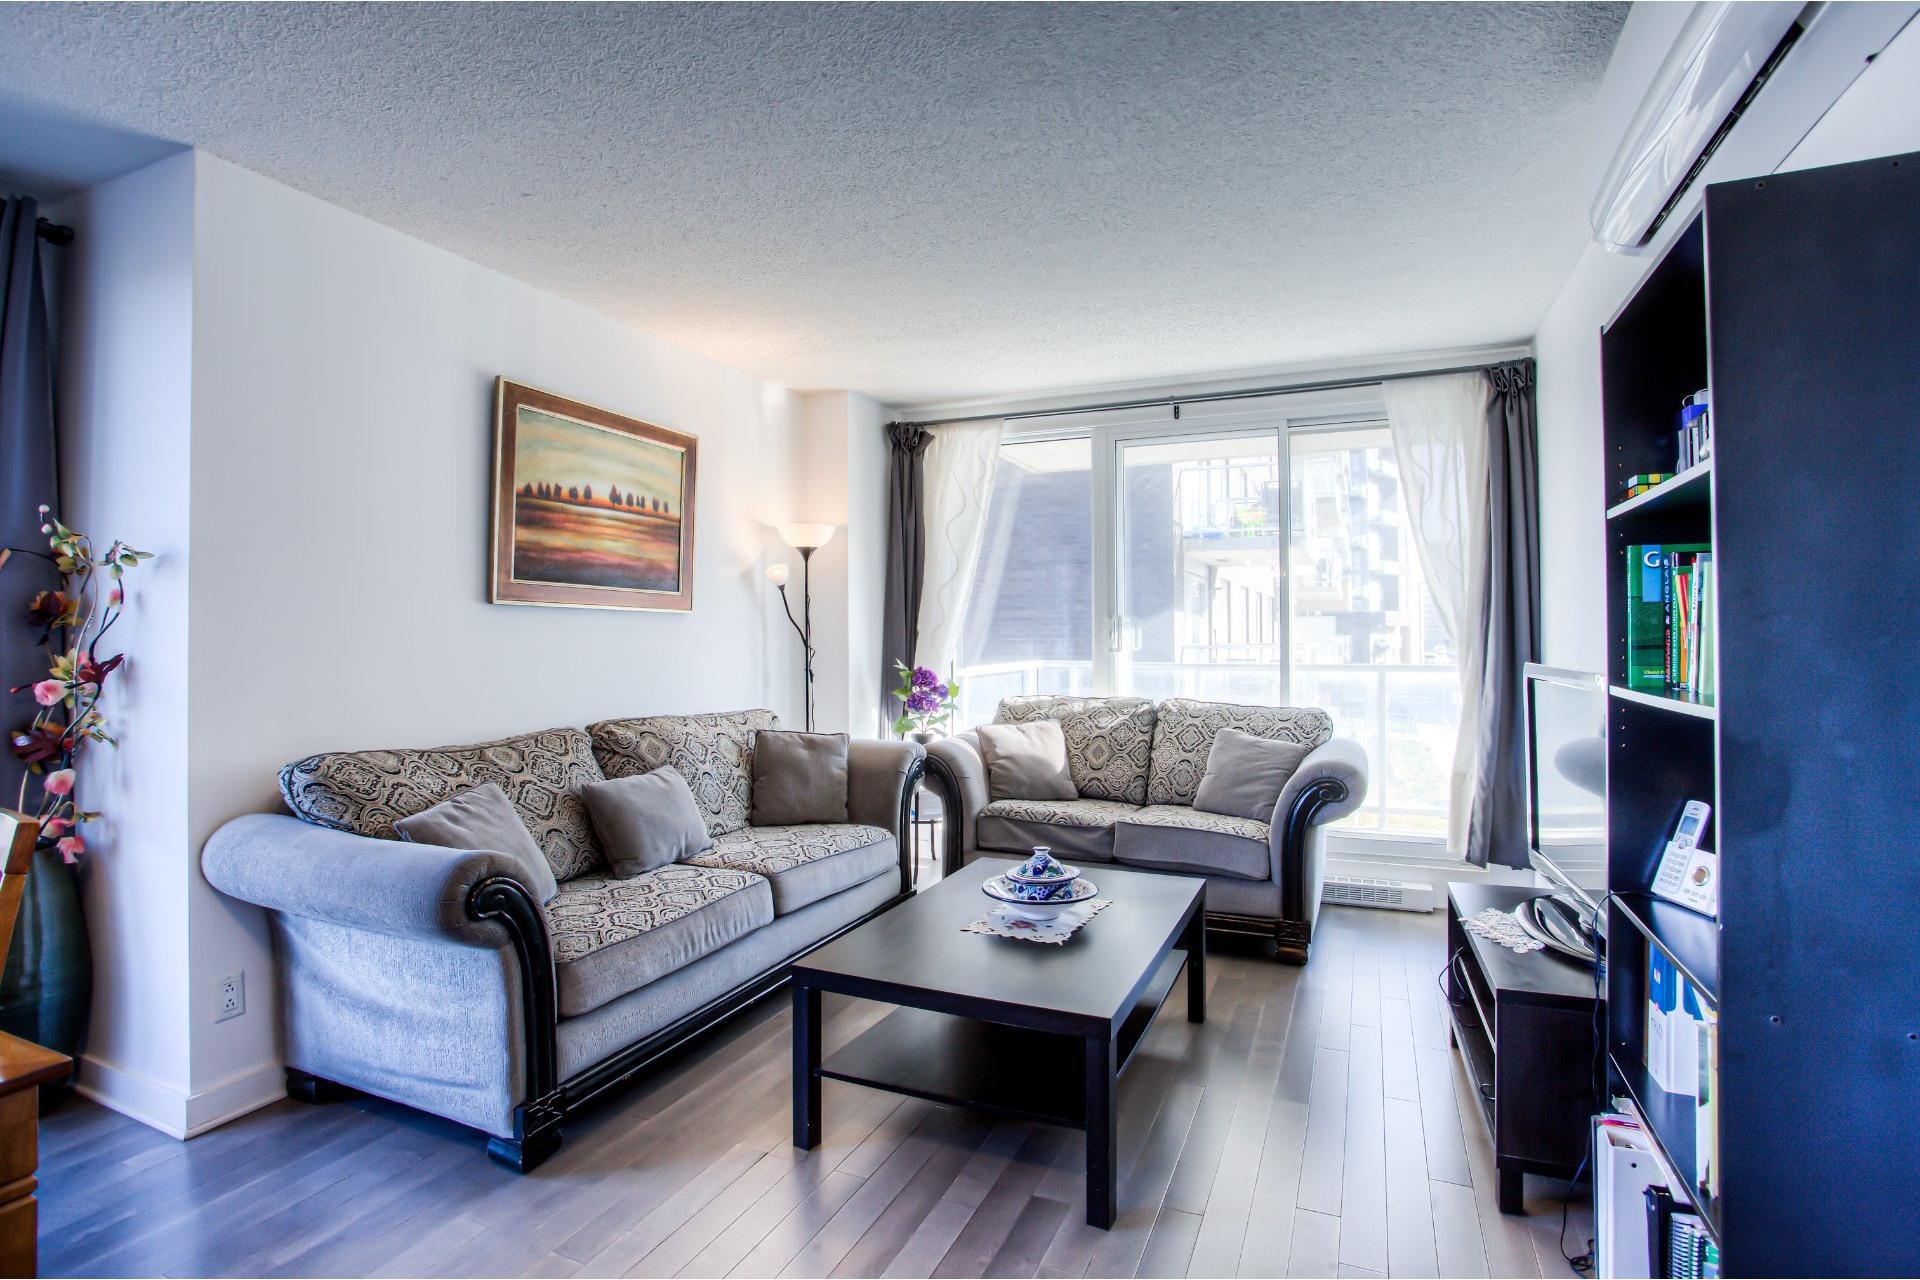 image 8 - Apartment For sale Ahuntsic-Cartierville Montréal  - 7 rooms